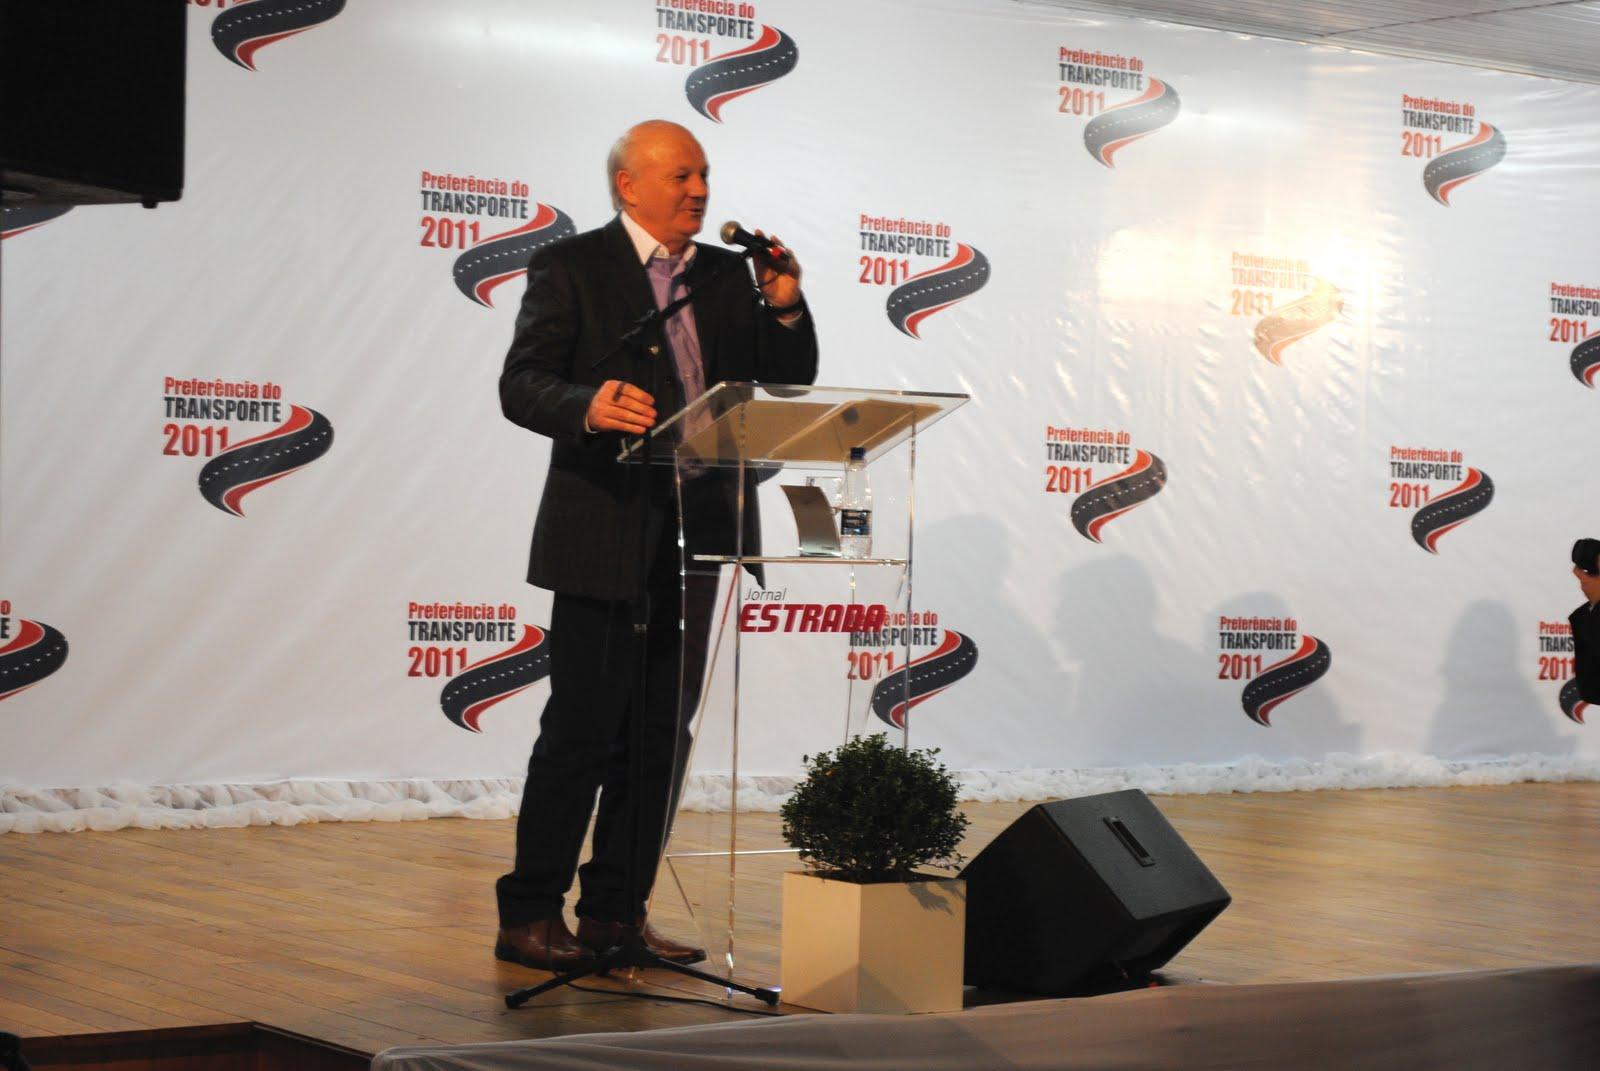 Carboni conquista 4 prêmios de Preferência do Transporte em Videira DSC 2193